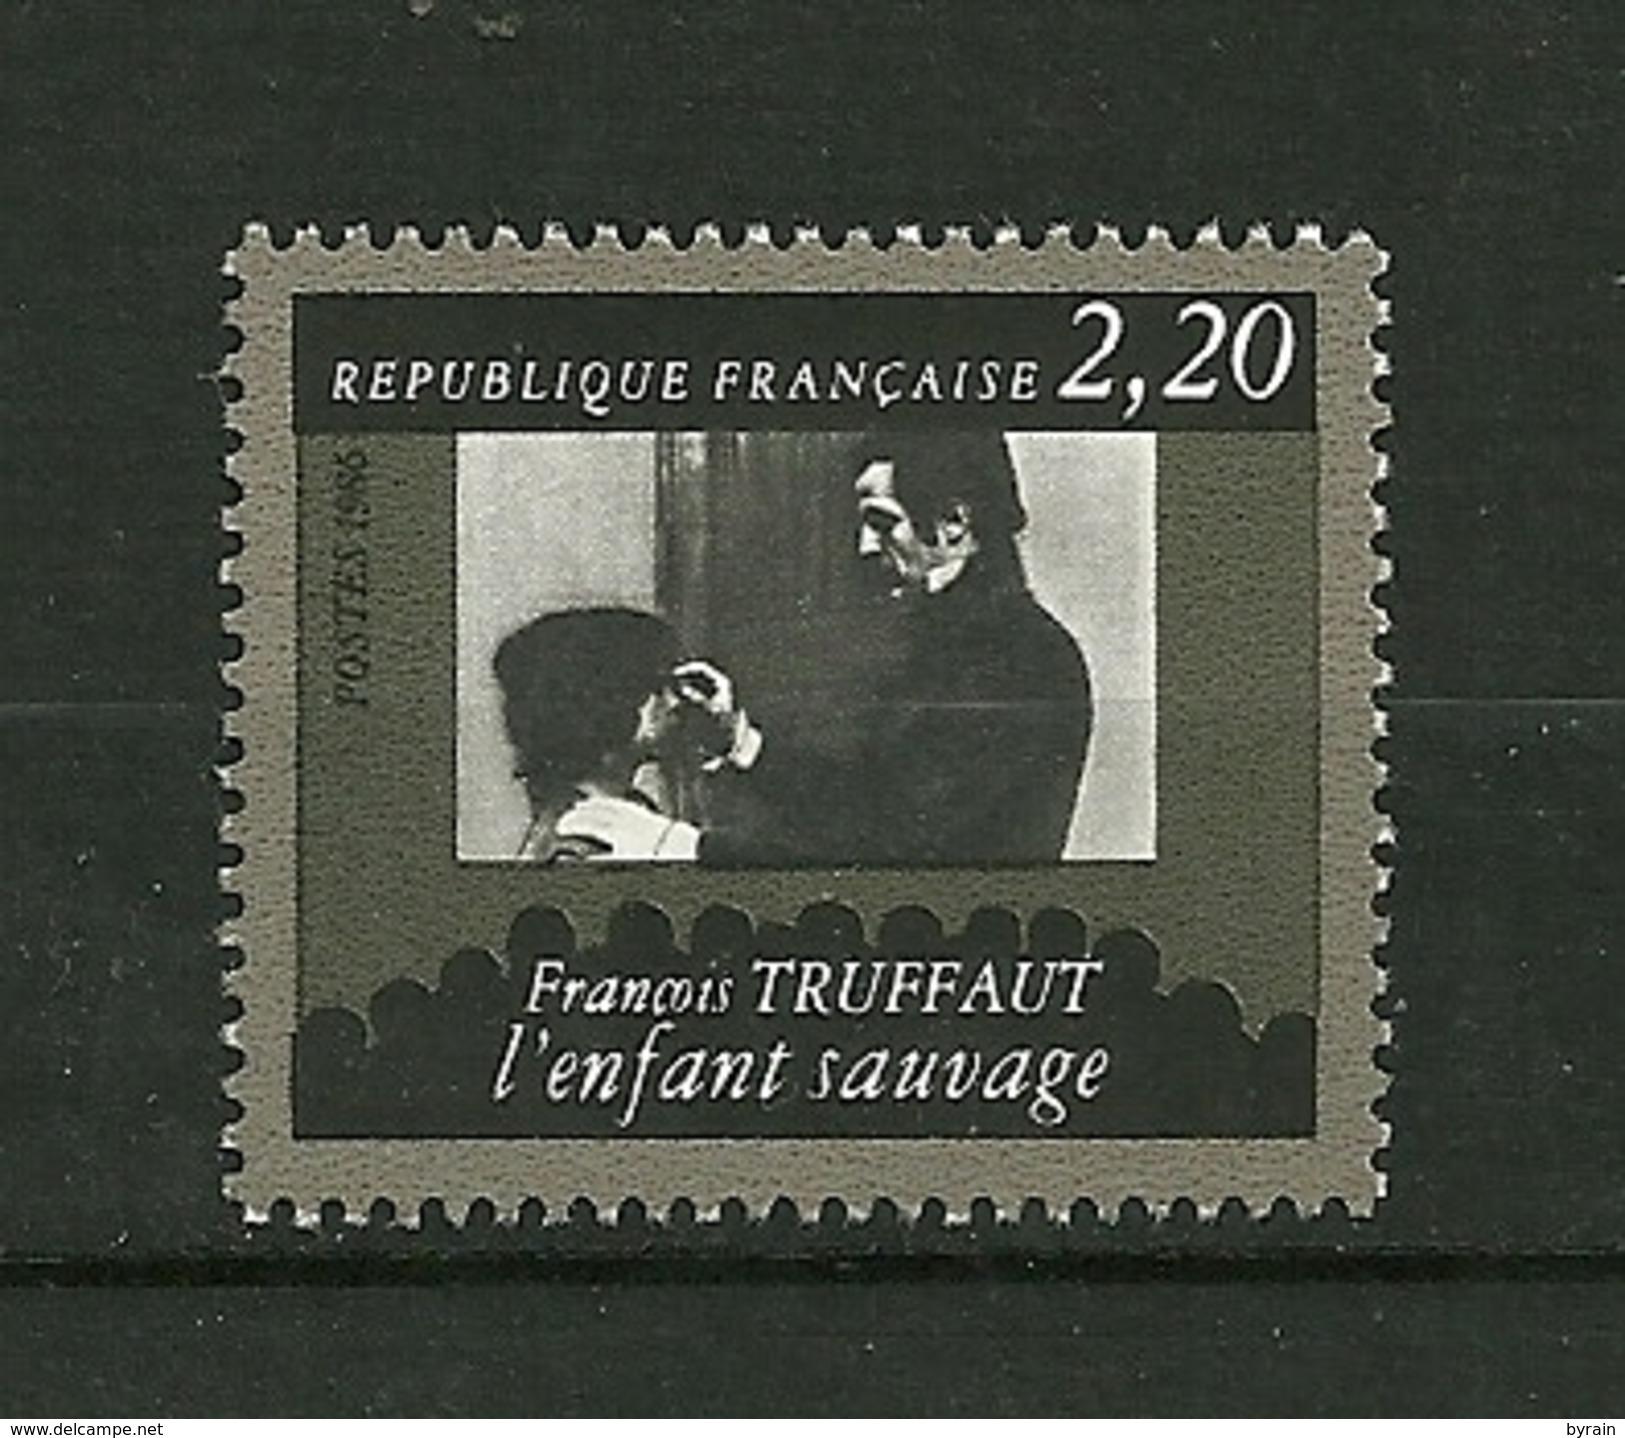 """FRANCE 1986  N° 2442 """"  Cinquantenaire De La Cinémathèque Francaise ( Francois Truffaut L'enfant Sauvage) """"    NEUF - Neufs"""